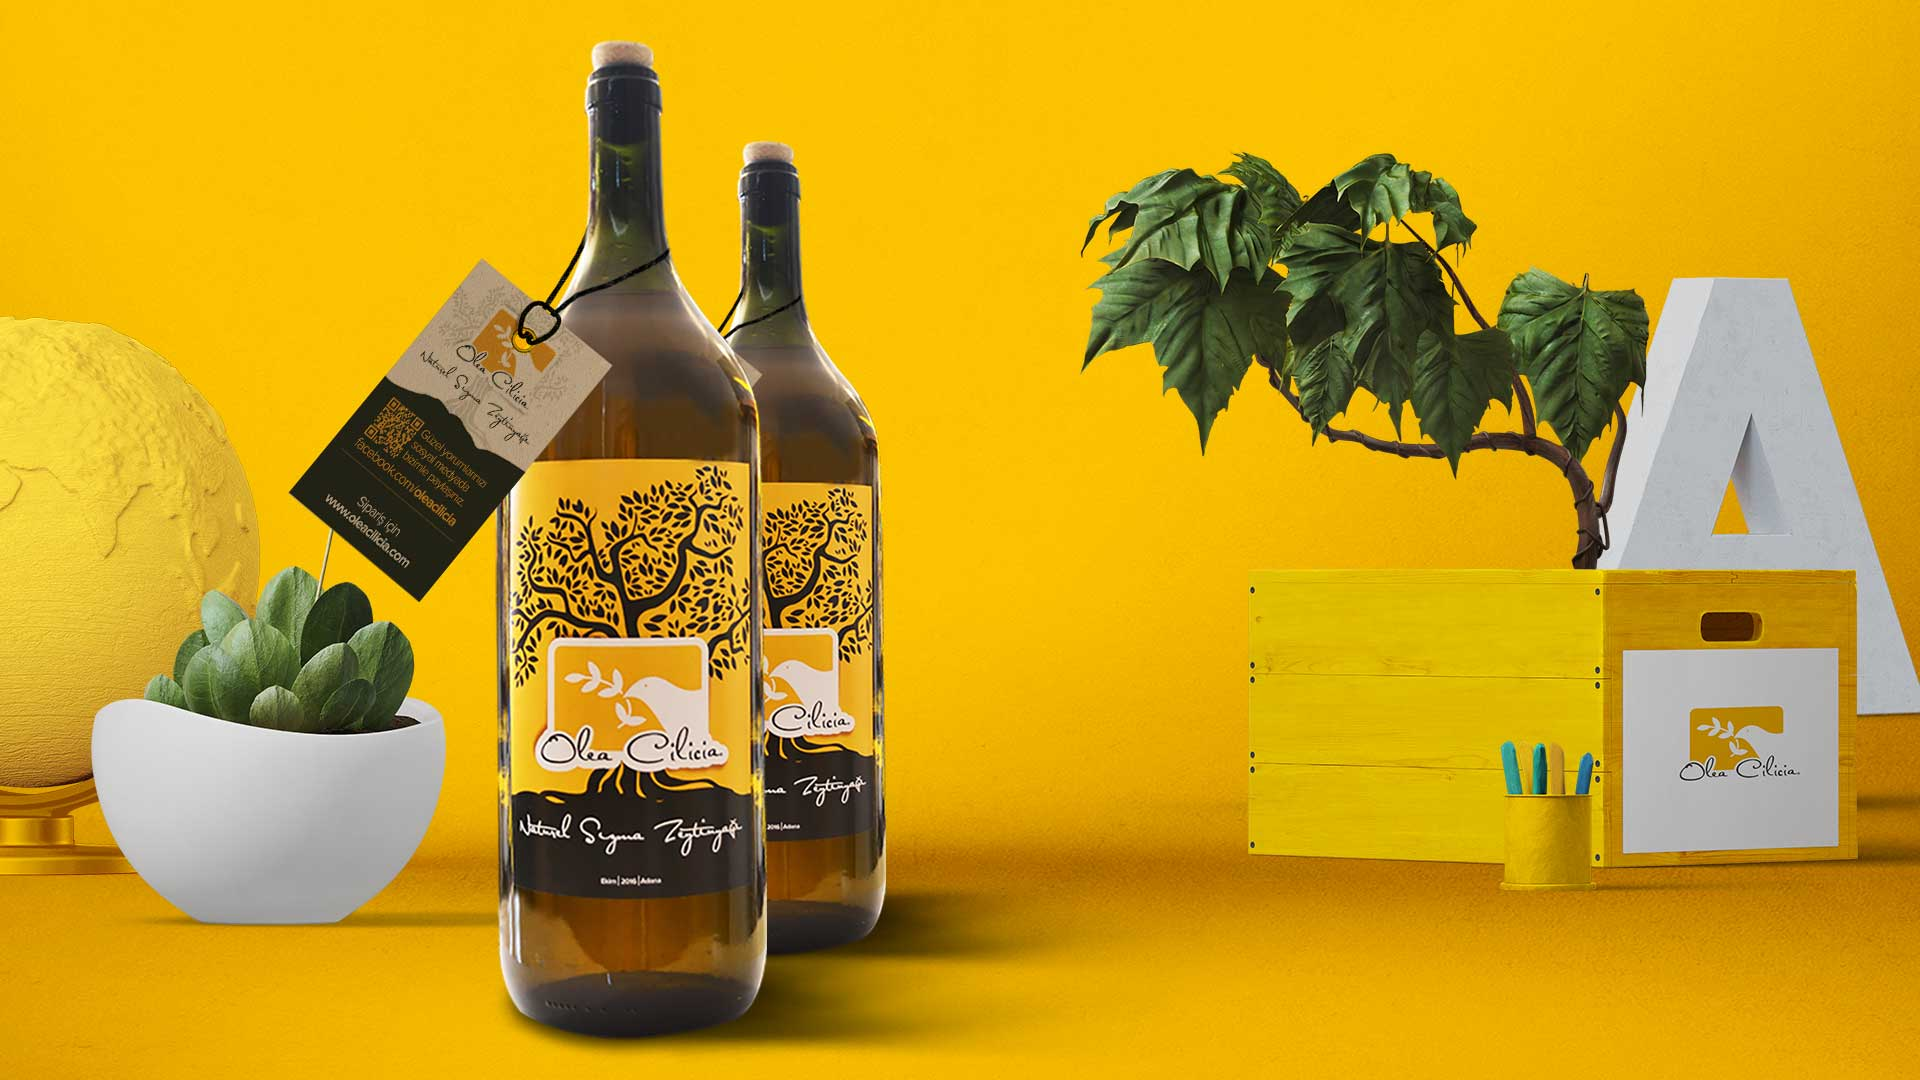 Olea Cilicia - Ambalaj & Etiket Tasarımı